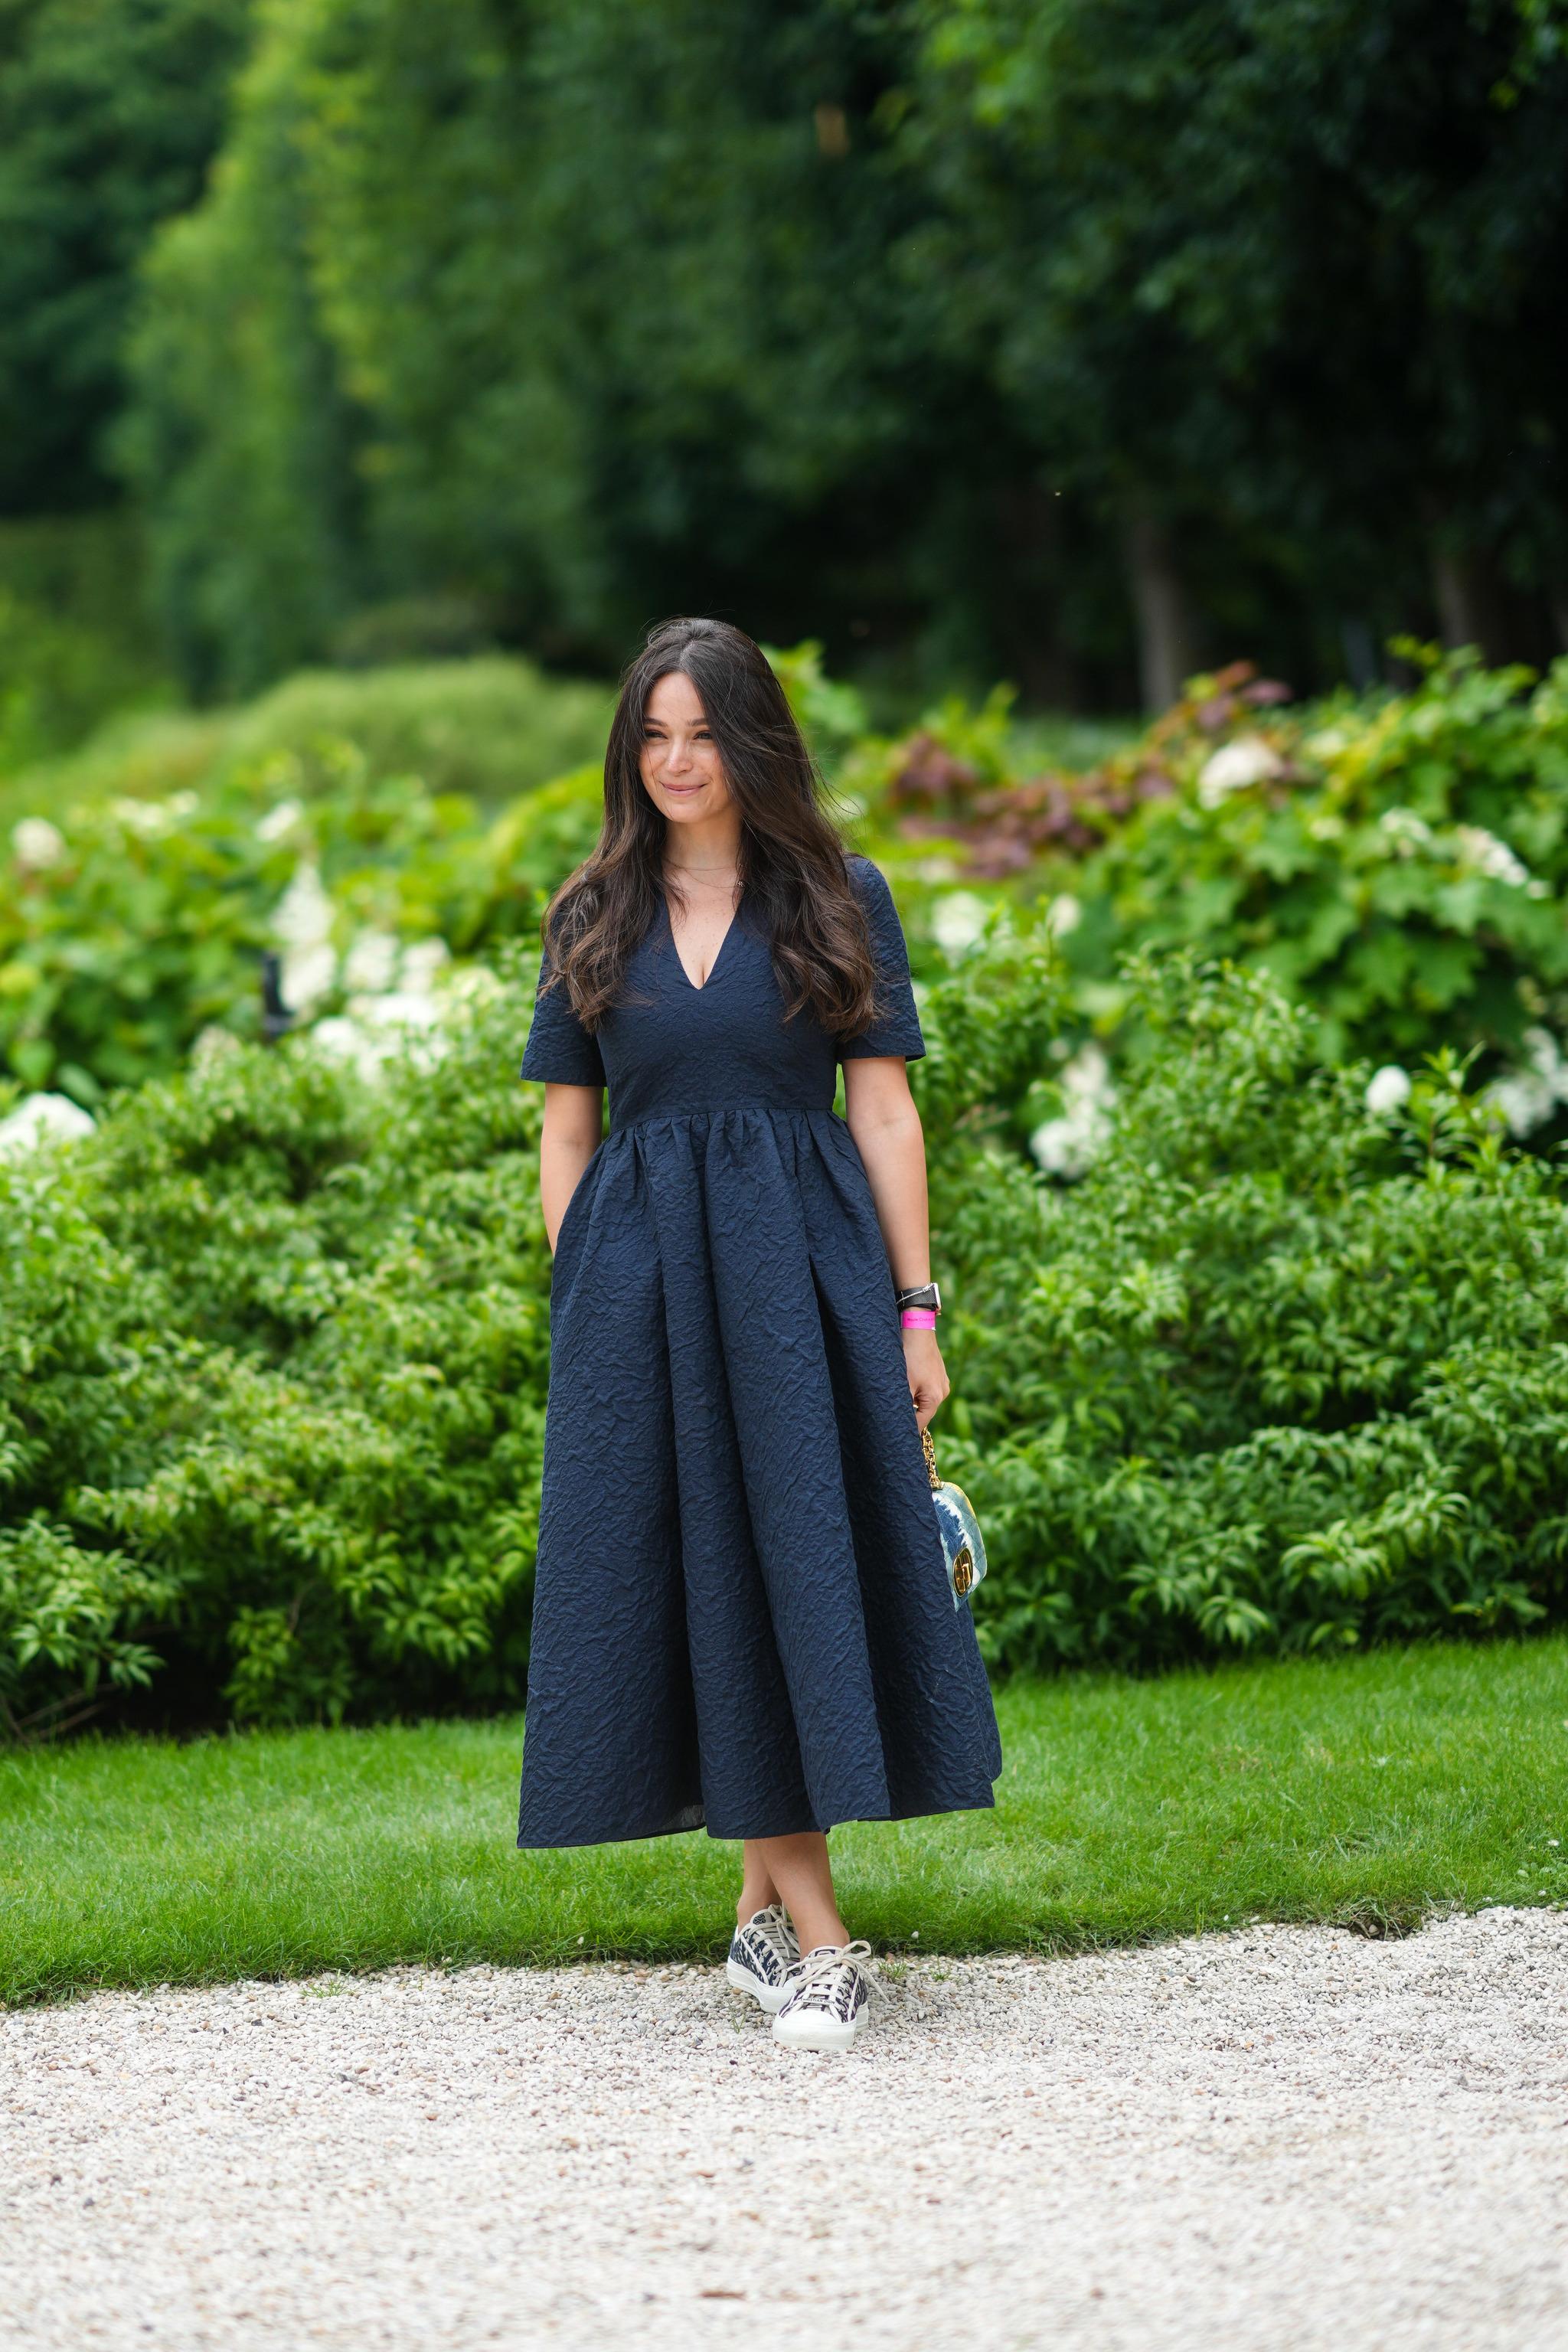 Una invitada con vestido azul marino.